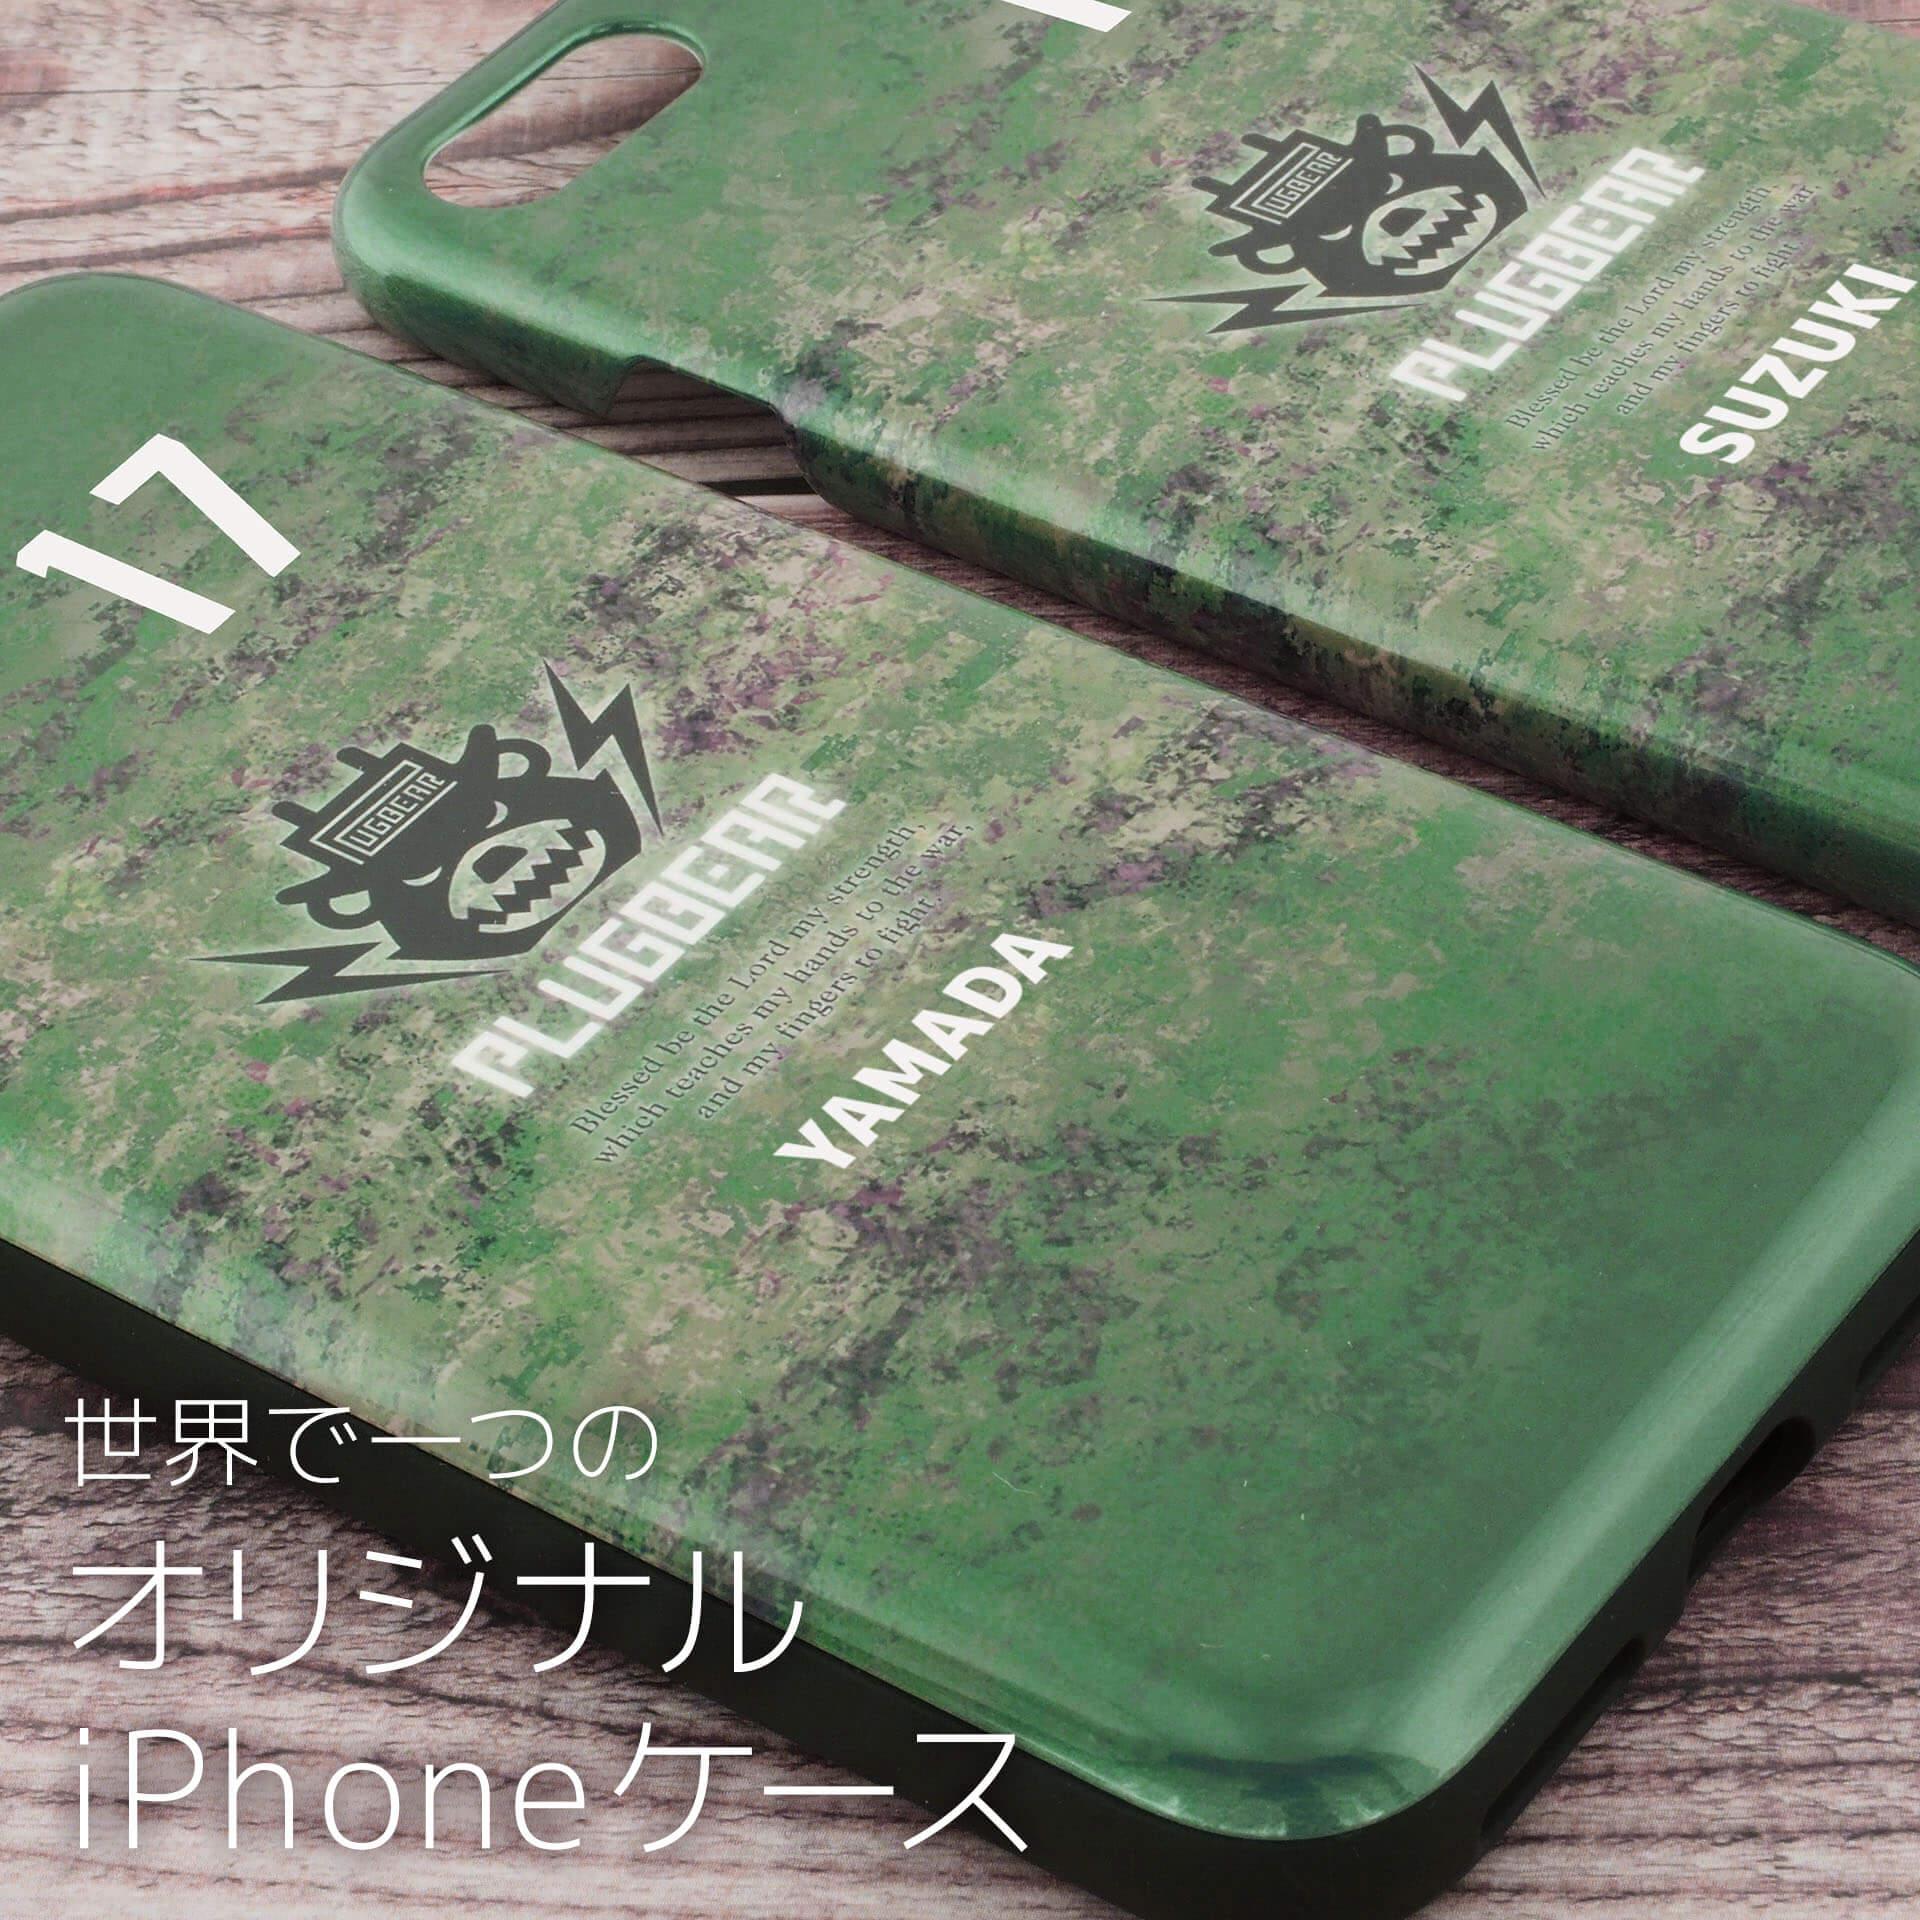 オリジナルiPhoneケースのイメージ